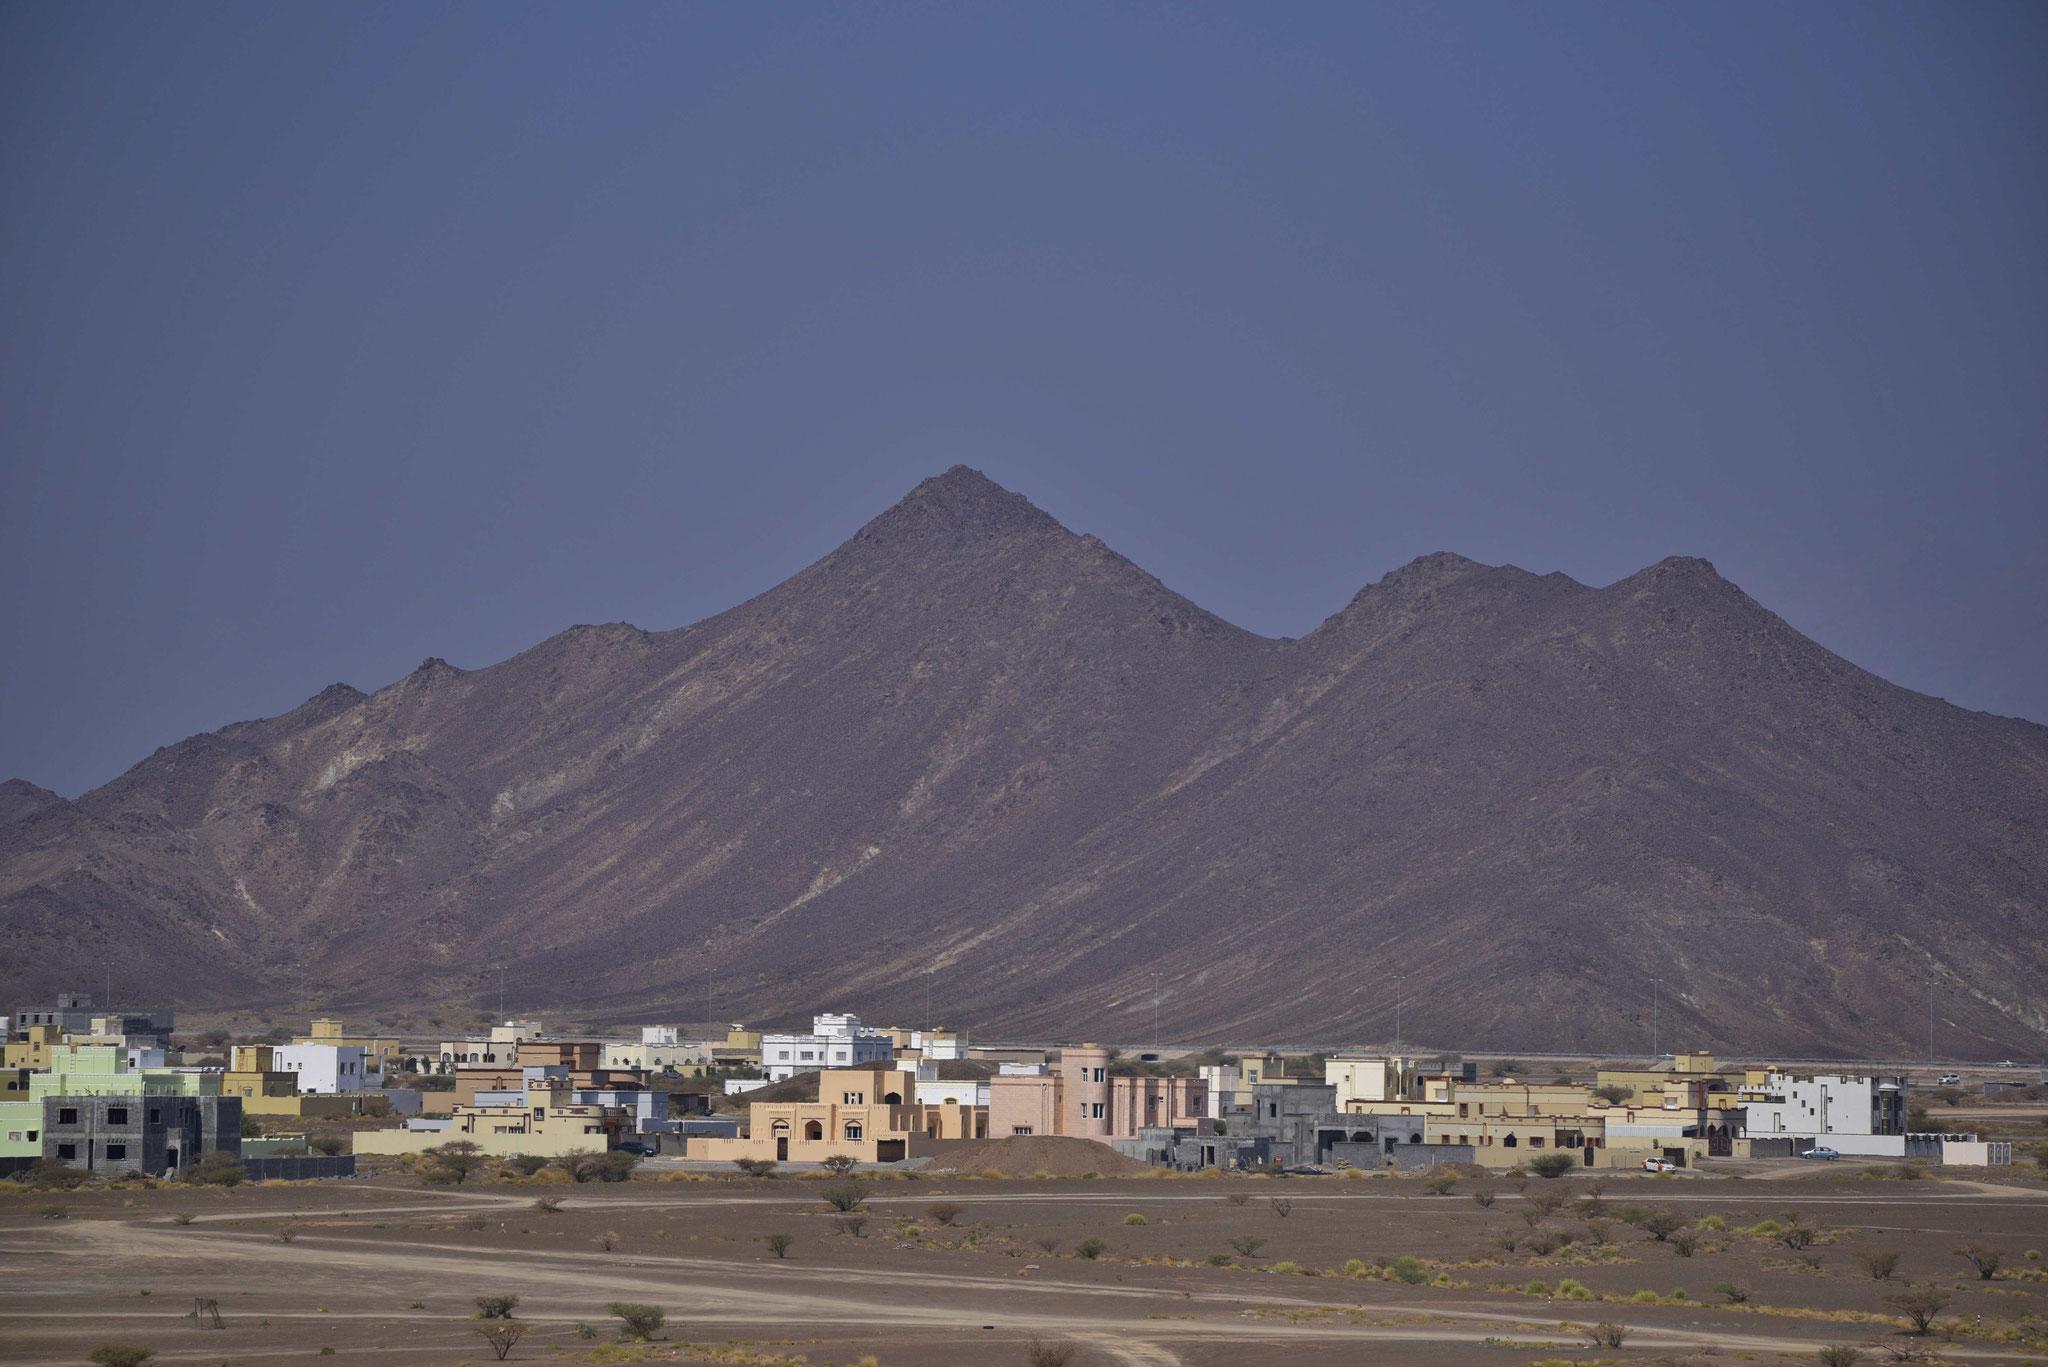 Blick auf das nahe gelegene Gebirge I